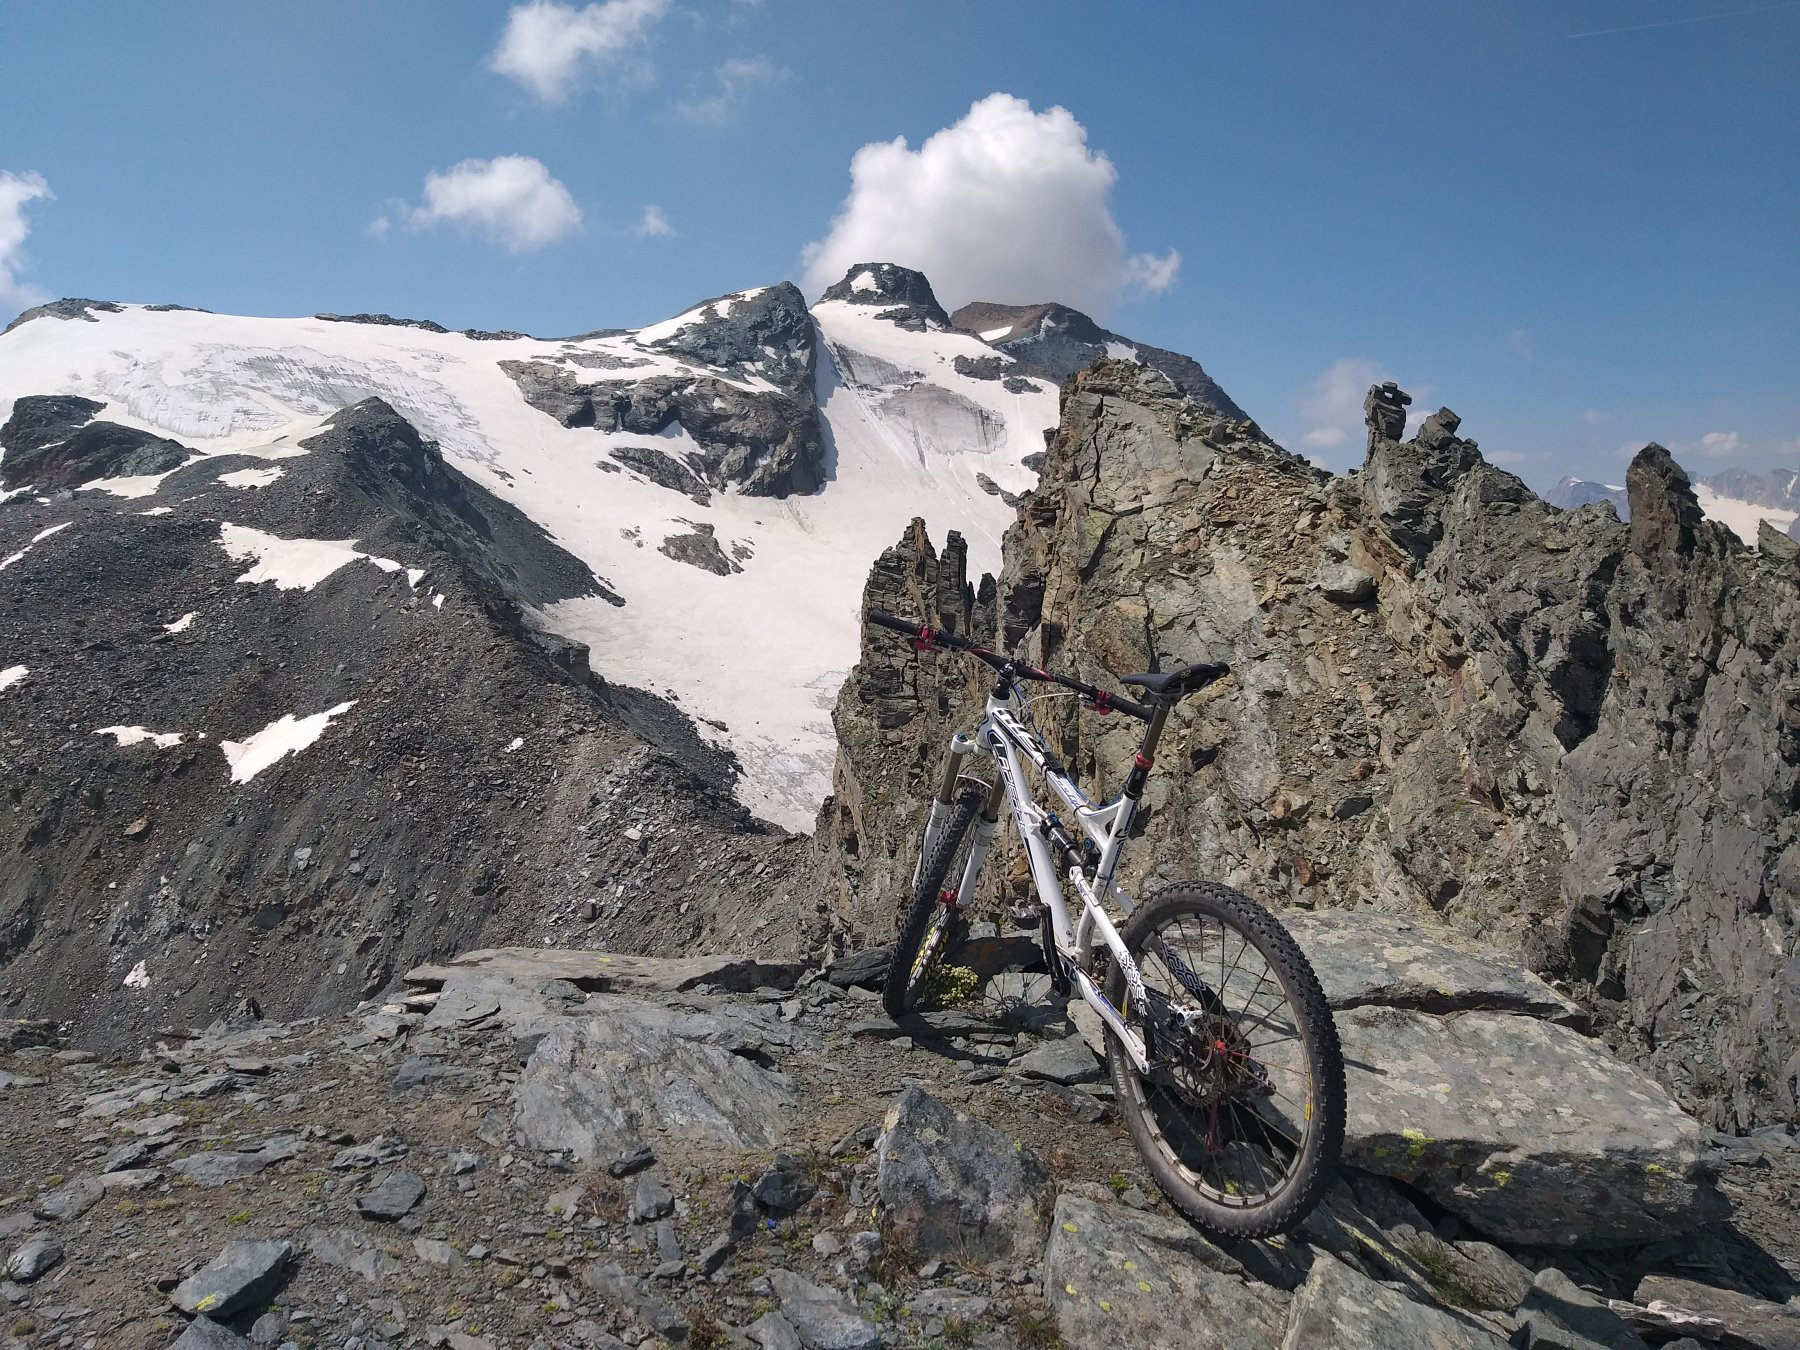 la cresta alpinistica che non permette di raggiungere la cima di entrelor